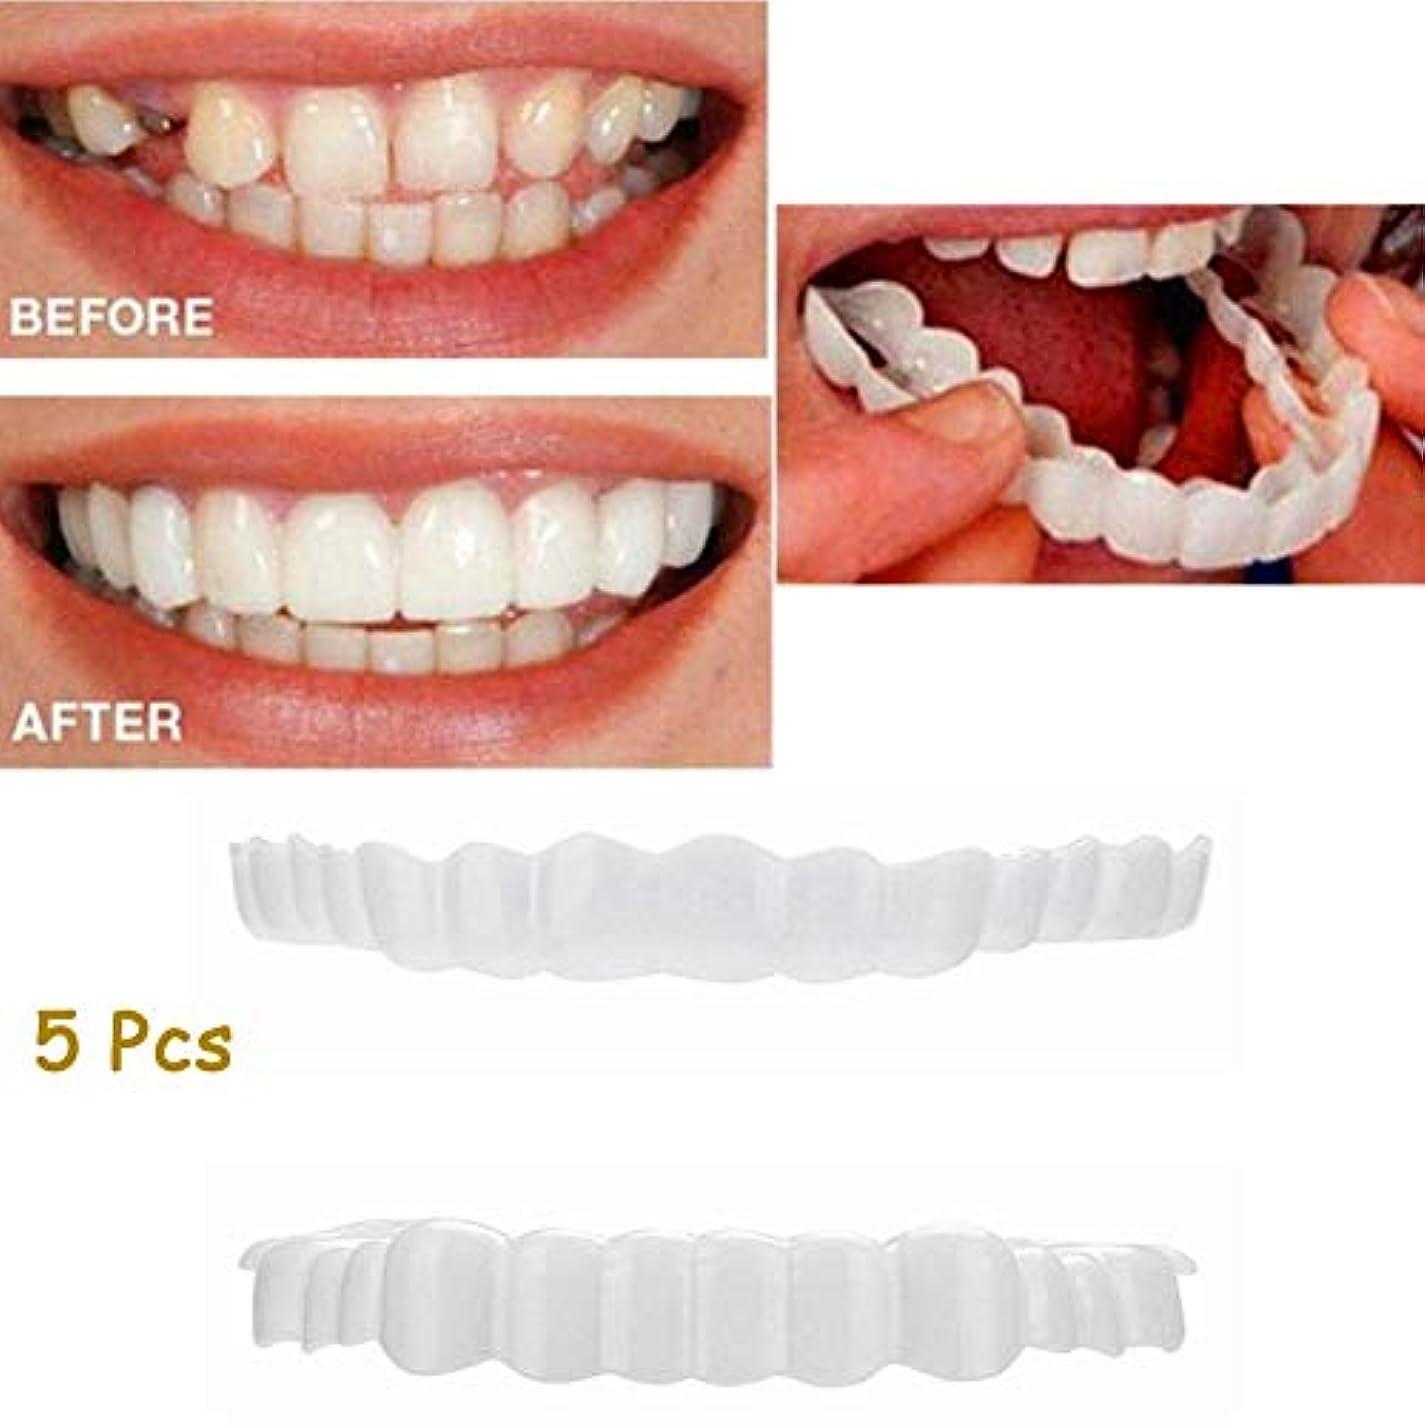 証人シットコムクモ5本の上歯+下歯セット偽の歯を白くする完璧な化粧品の歯